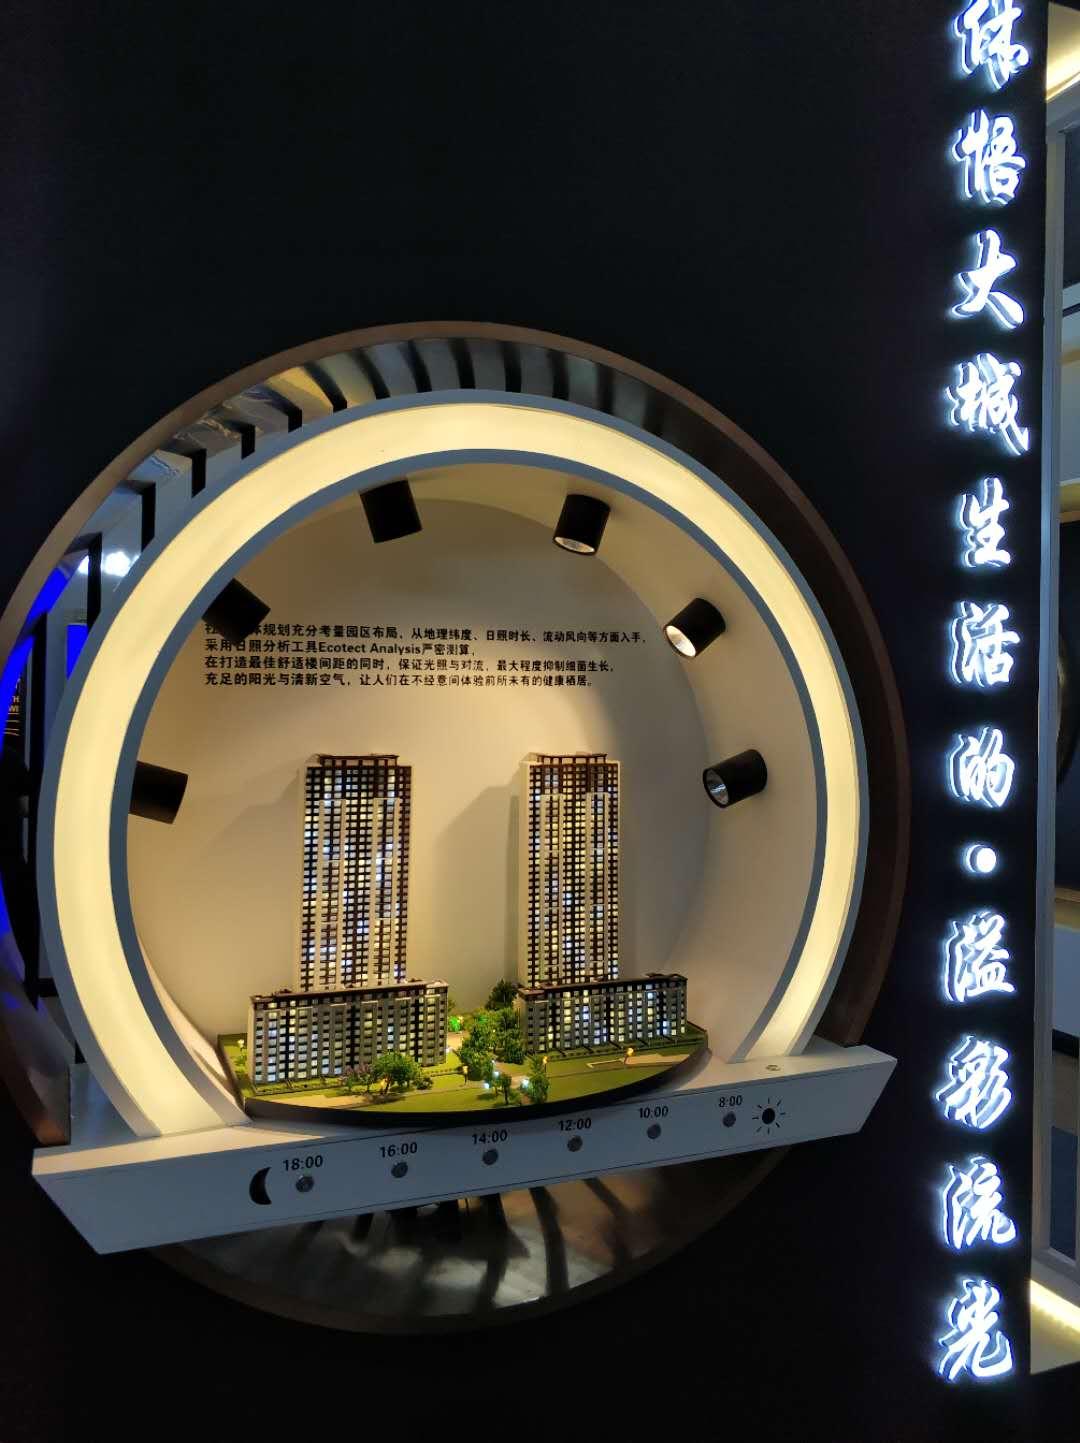 智慧售楼 - 沙盘光照模拟